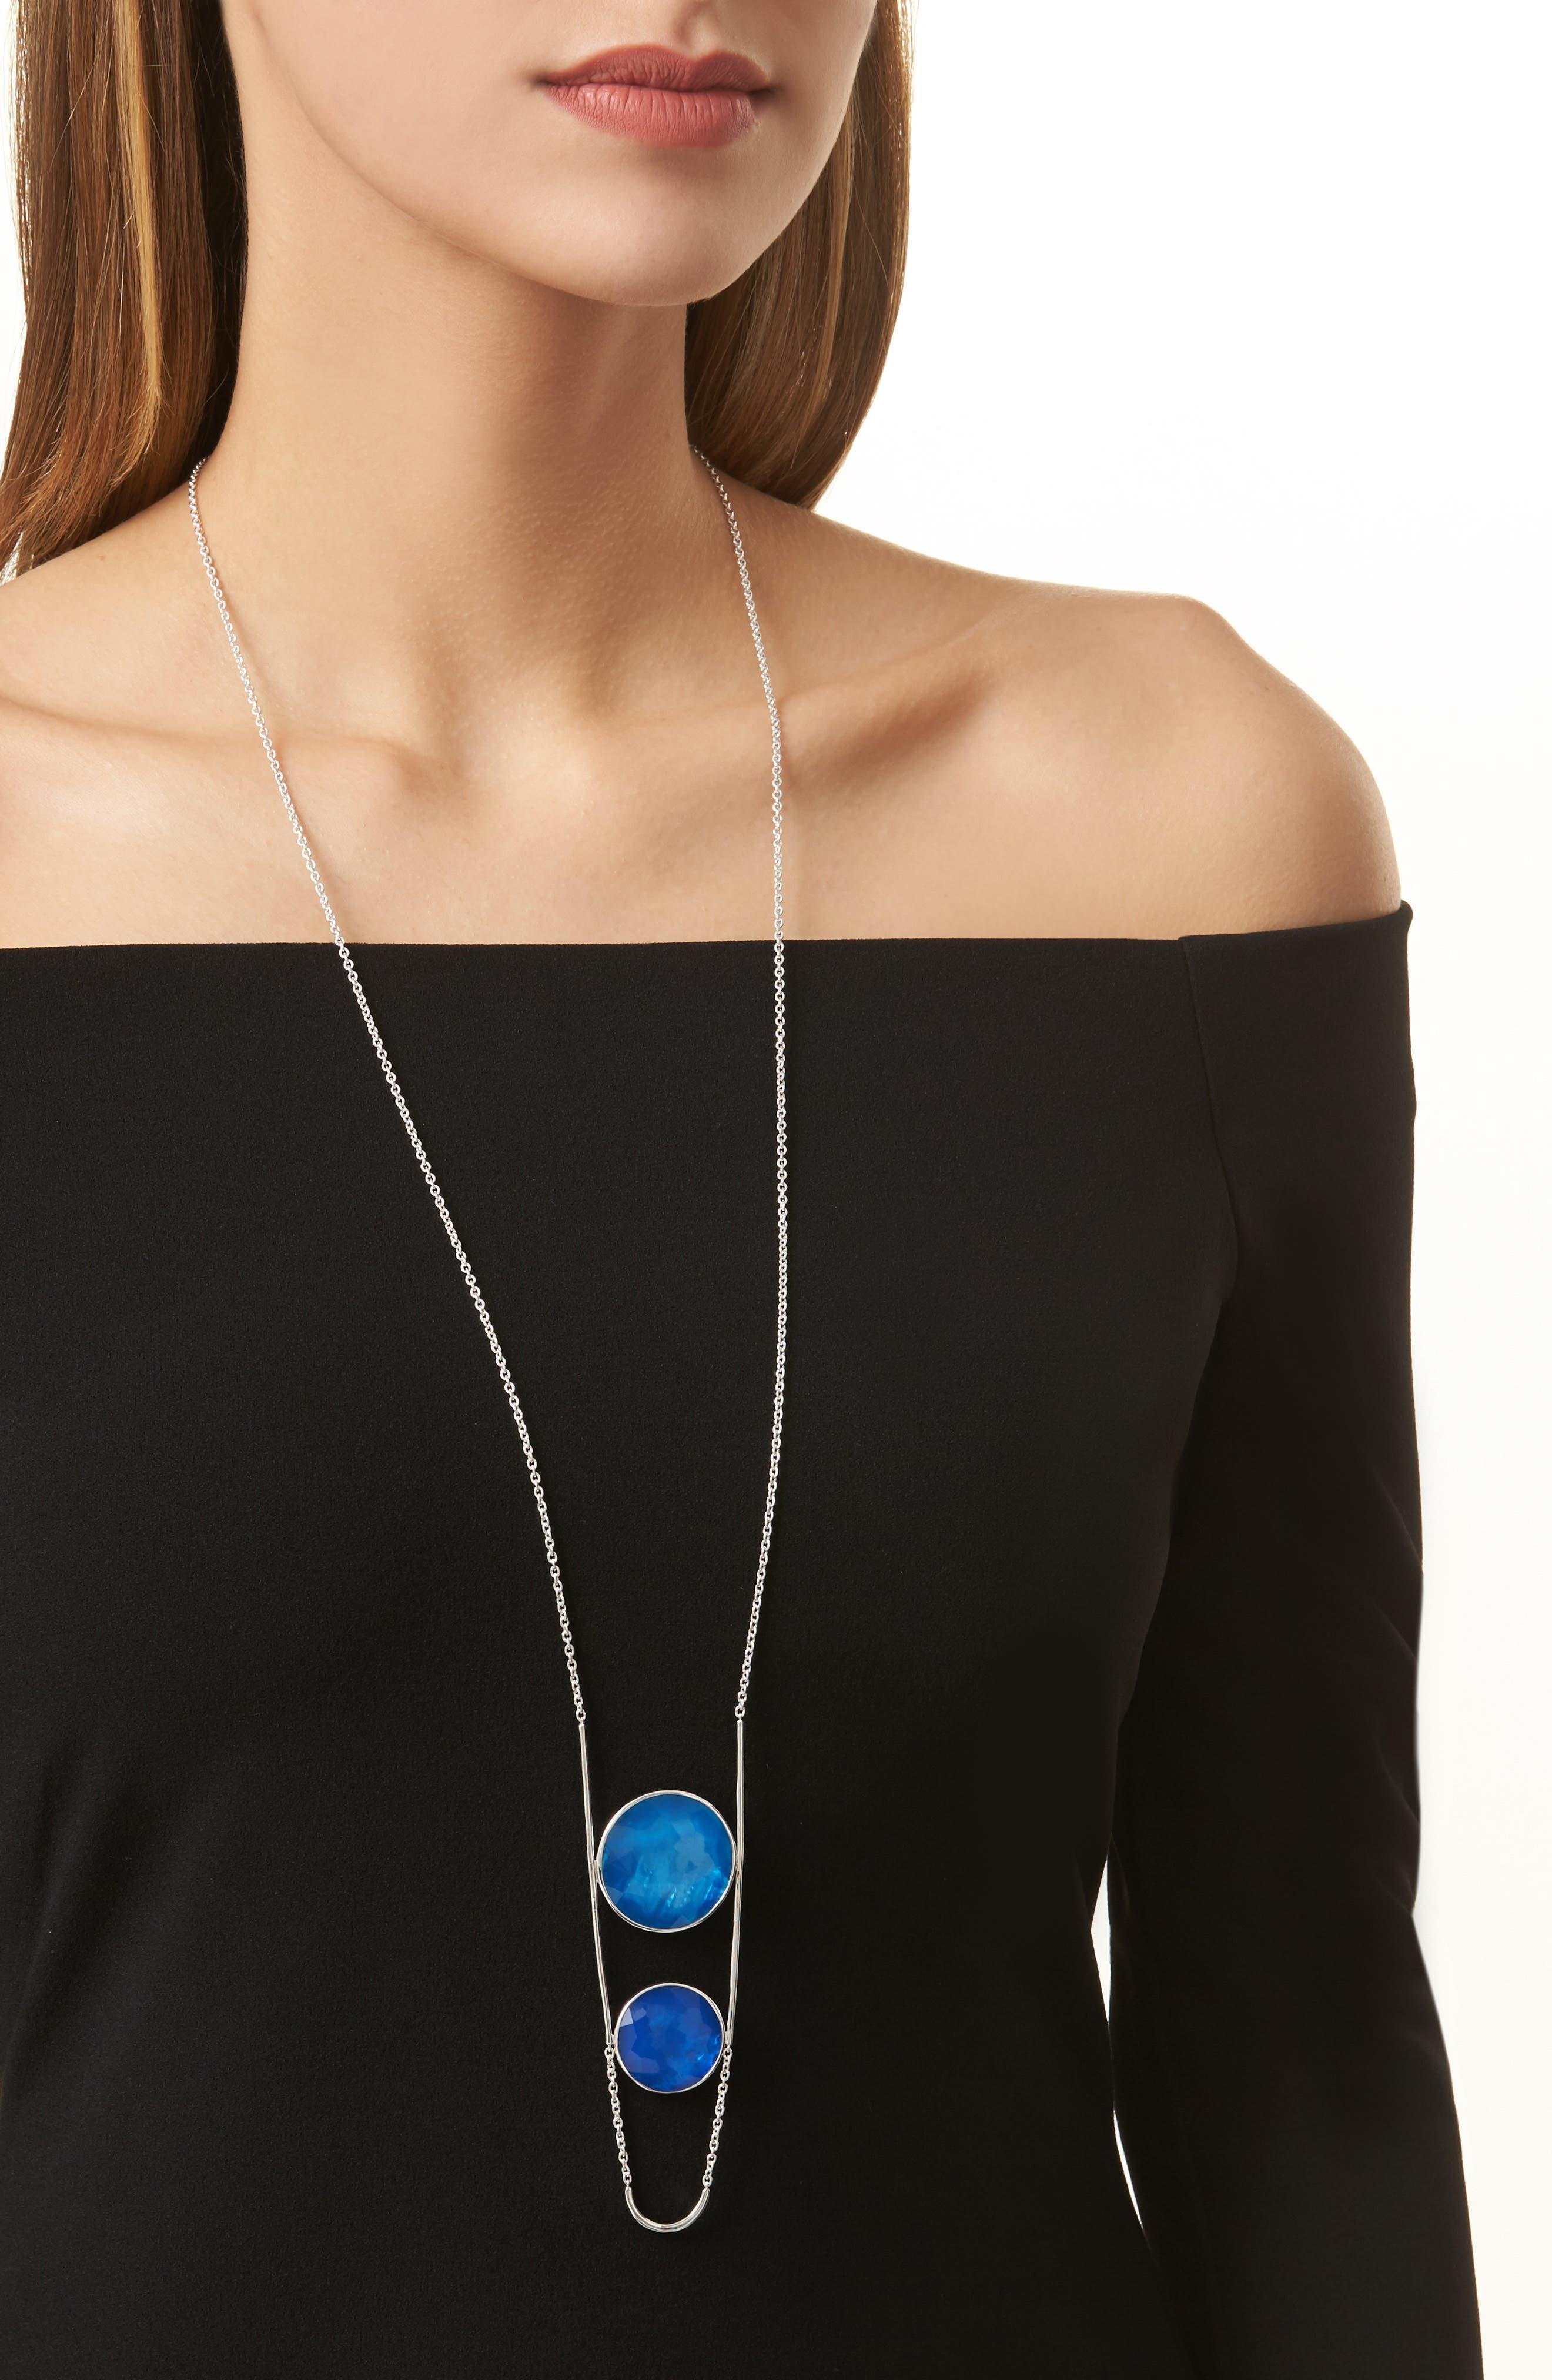 Wonderland Pendant Necklace,                             Alternate thumbnail 2, color,                             BLUE